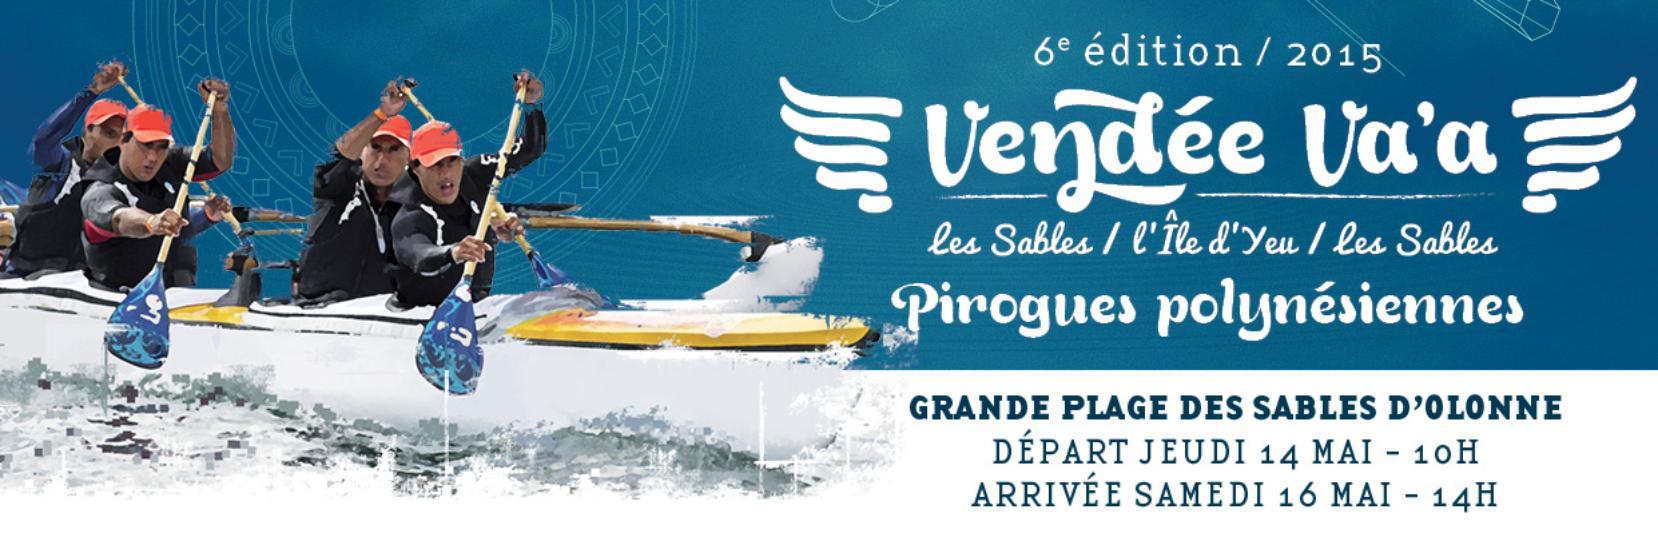 Va'a V6 – La pirogue offerte par ATN est arrivée aux Sables d'Olonne.